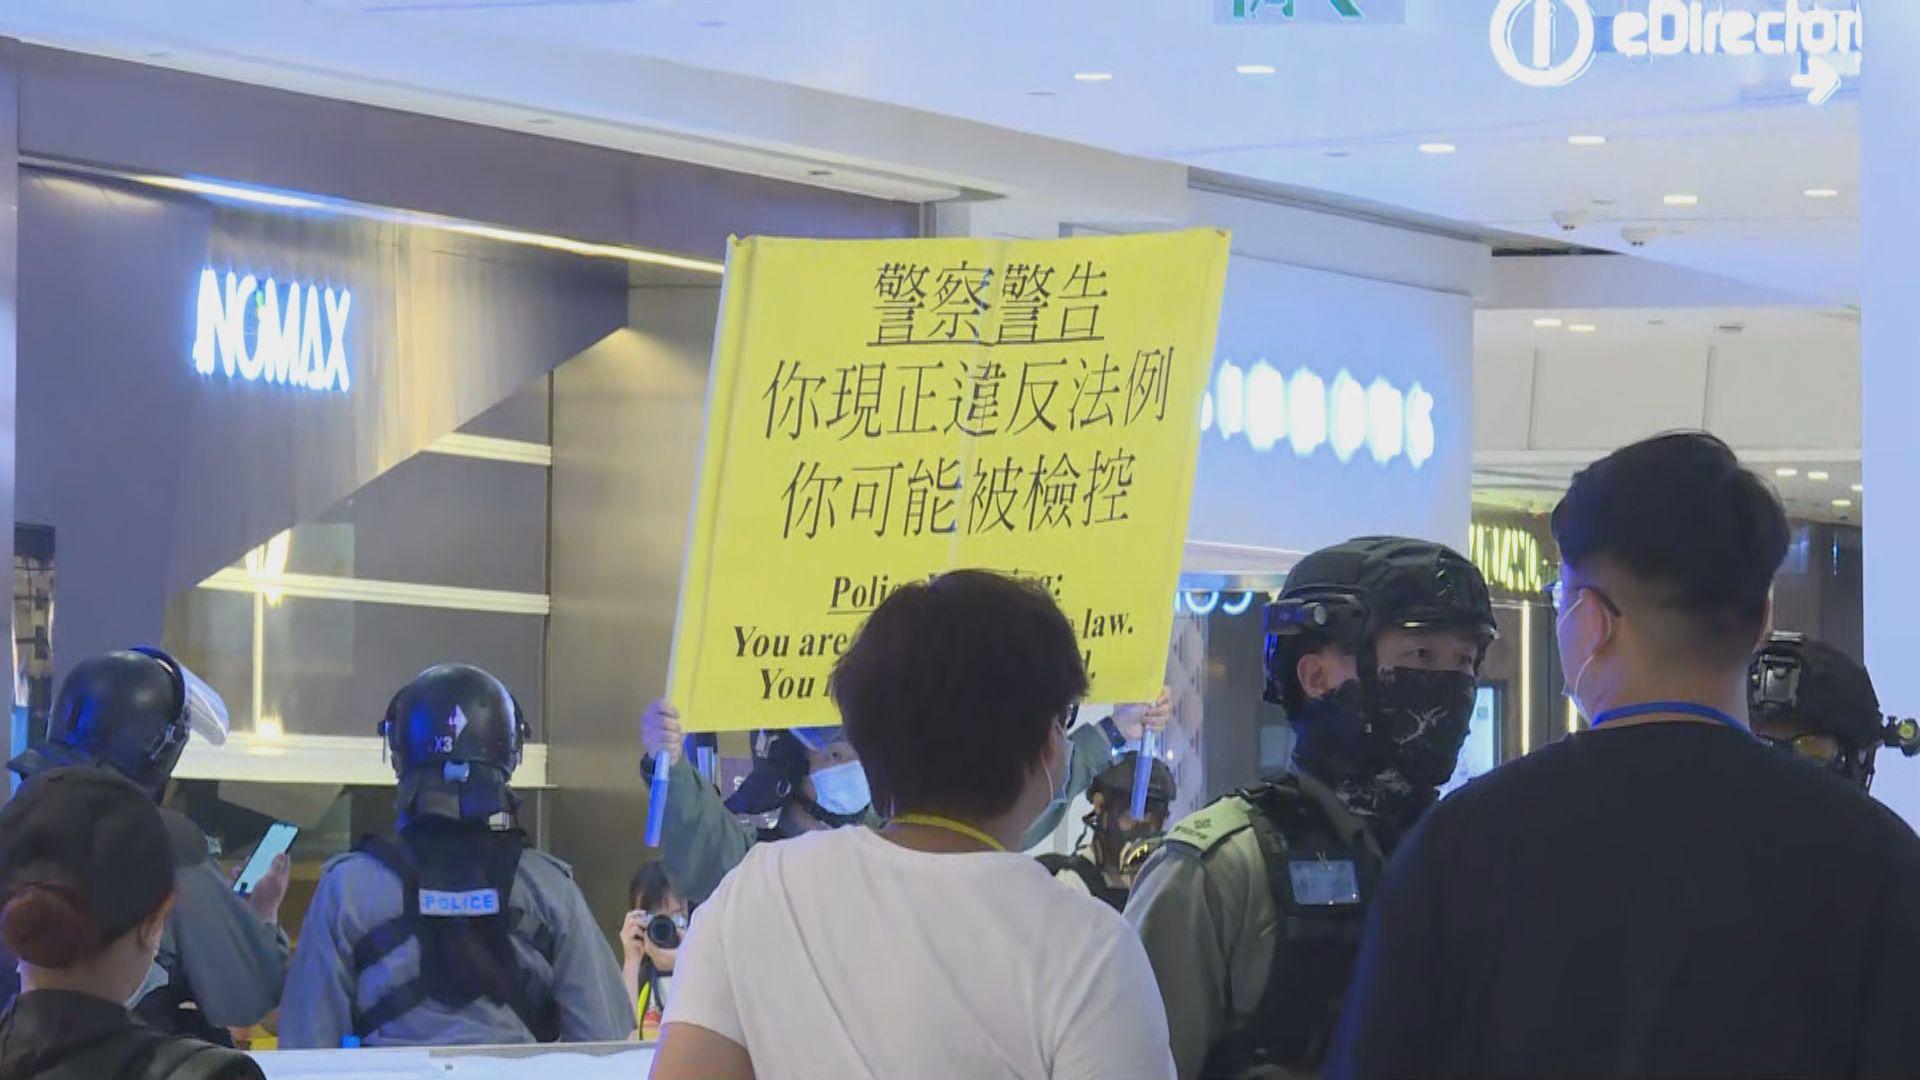 網民在元朗形點商場聚集 防暴警入商場驅散